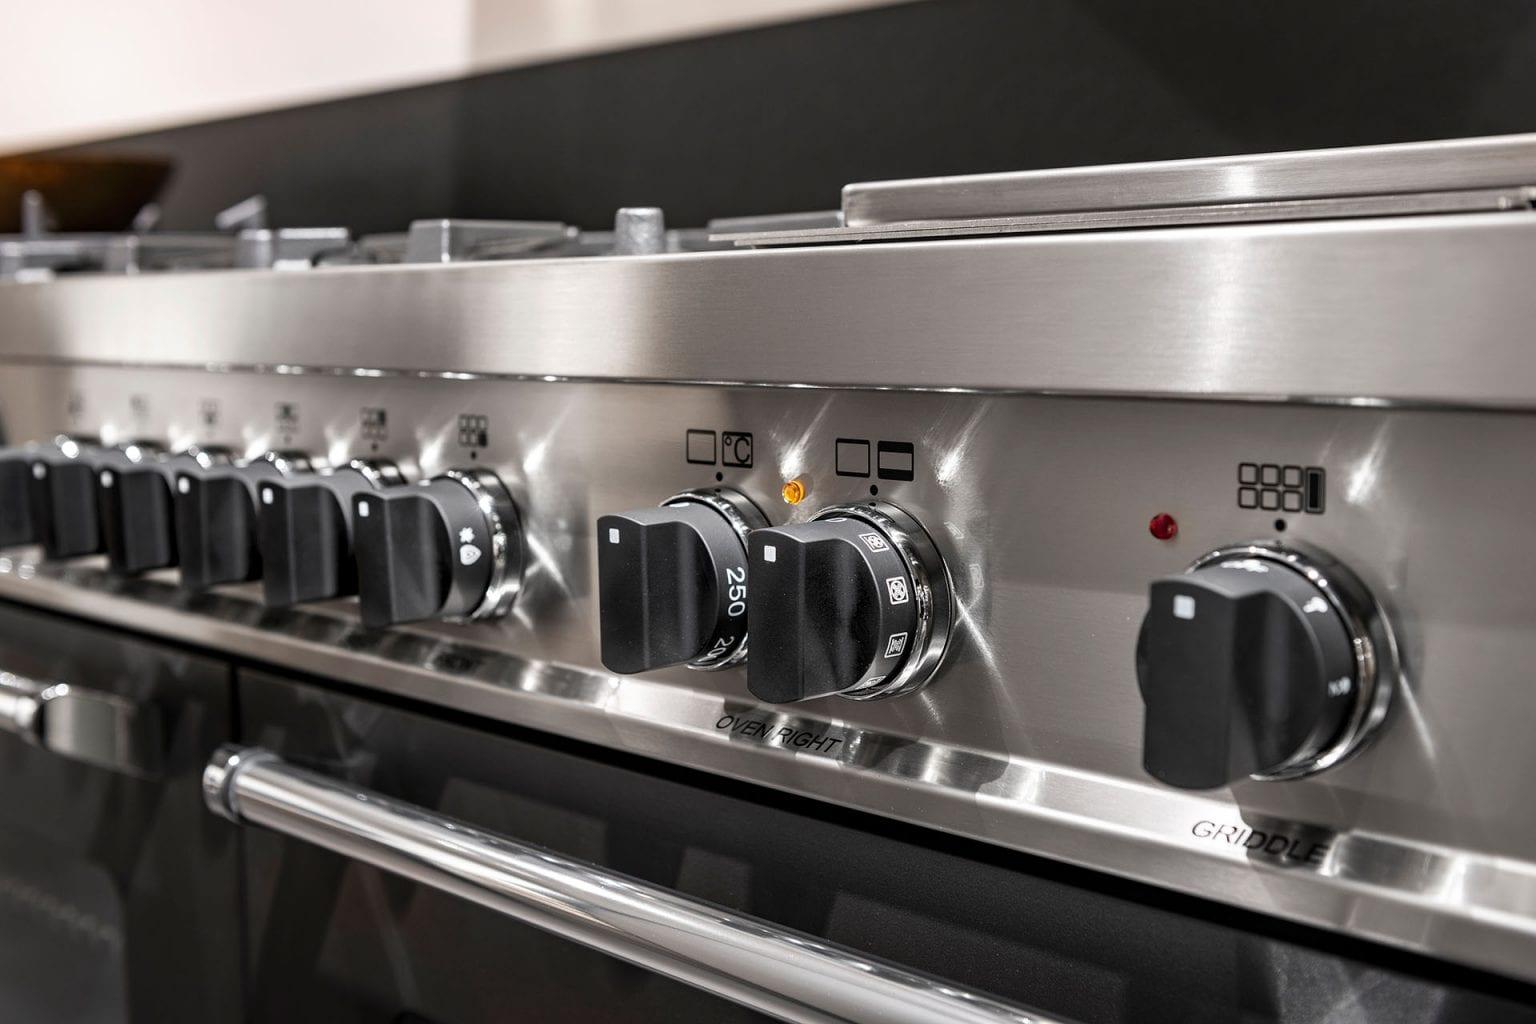 Keuken Apparatuur Merken : Keukenapparatuur van de beste merken bij goergen keukens